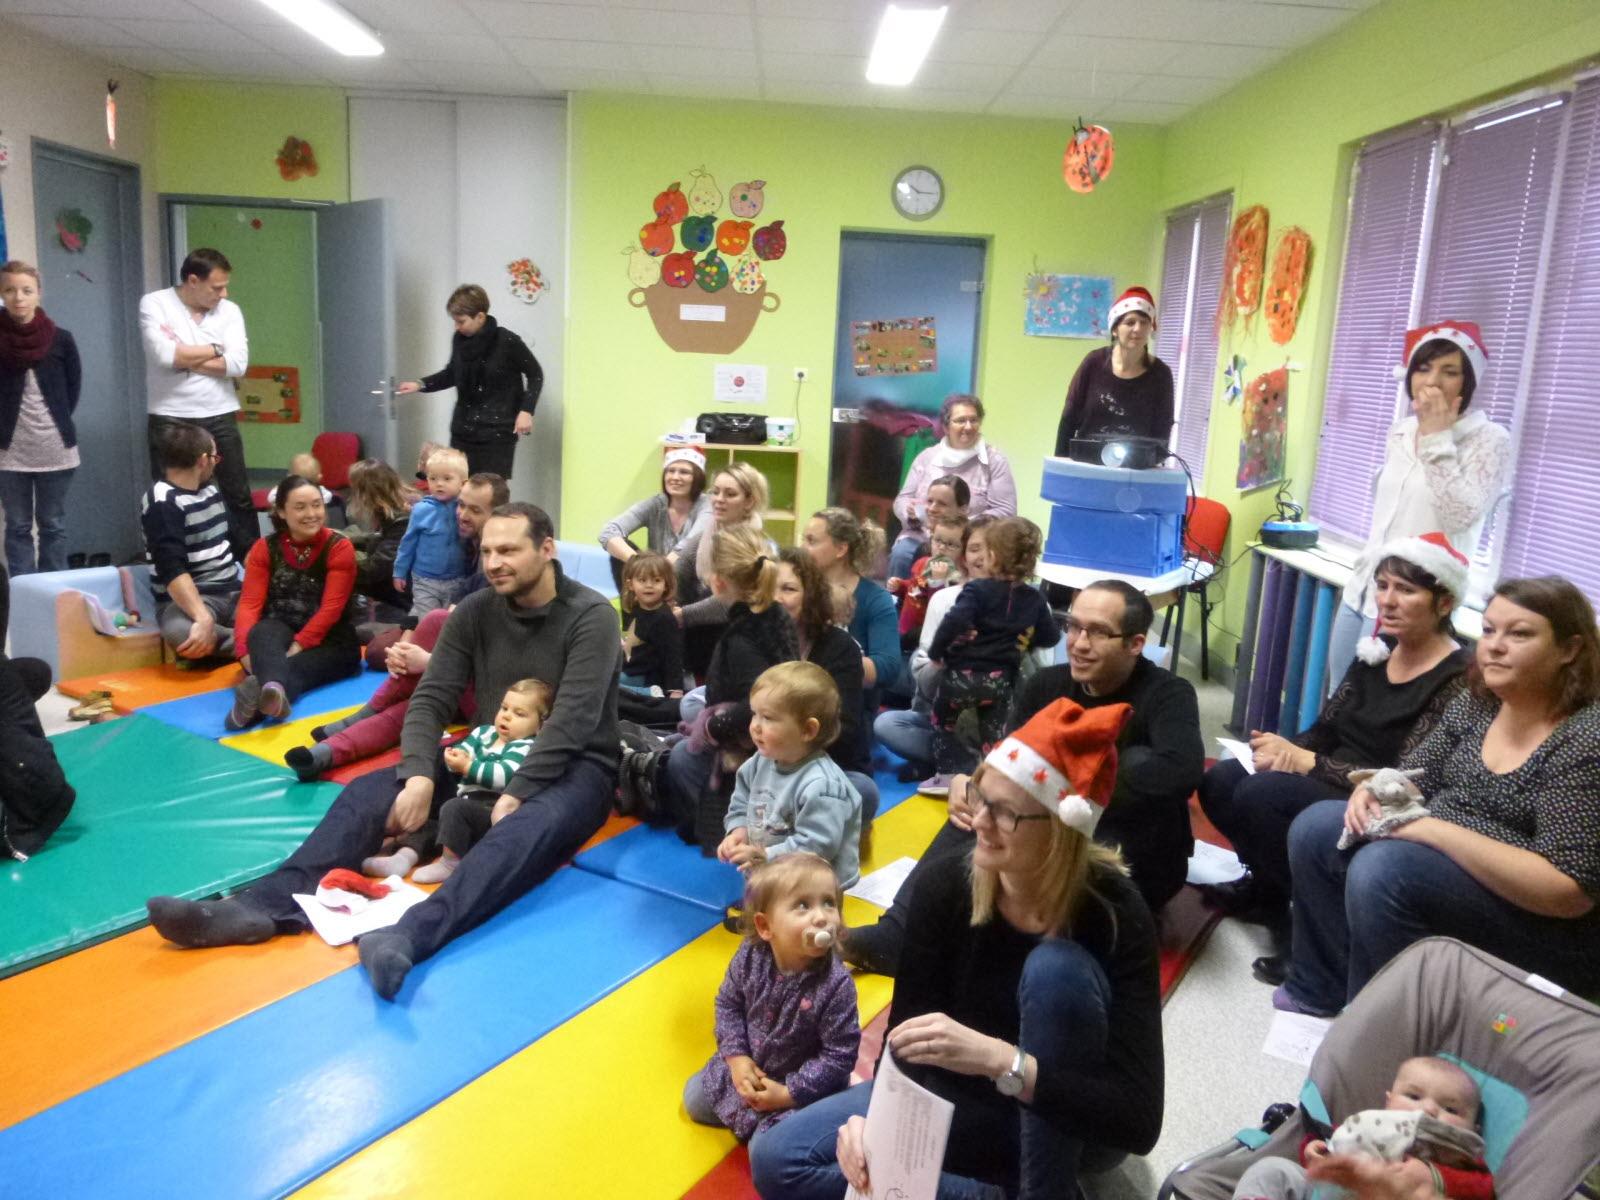 Mirebeau-Sur-Bèze | Mirebeau-Sur-Bèze : Fête De Noël Chez intérieur Caillou Fete Noel